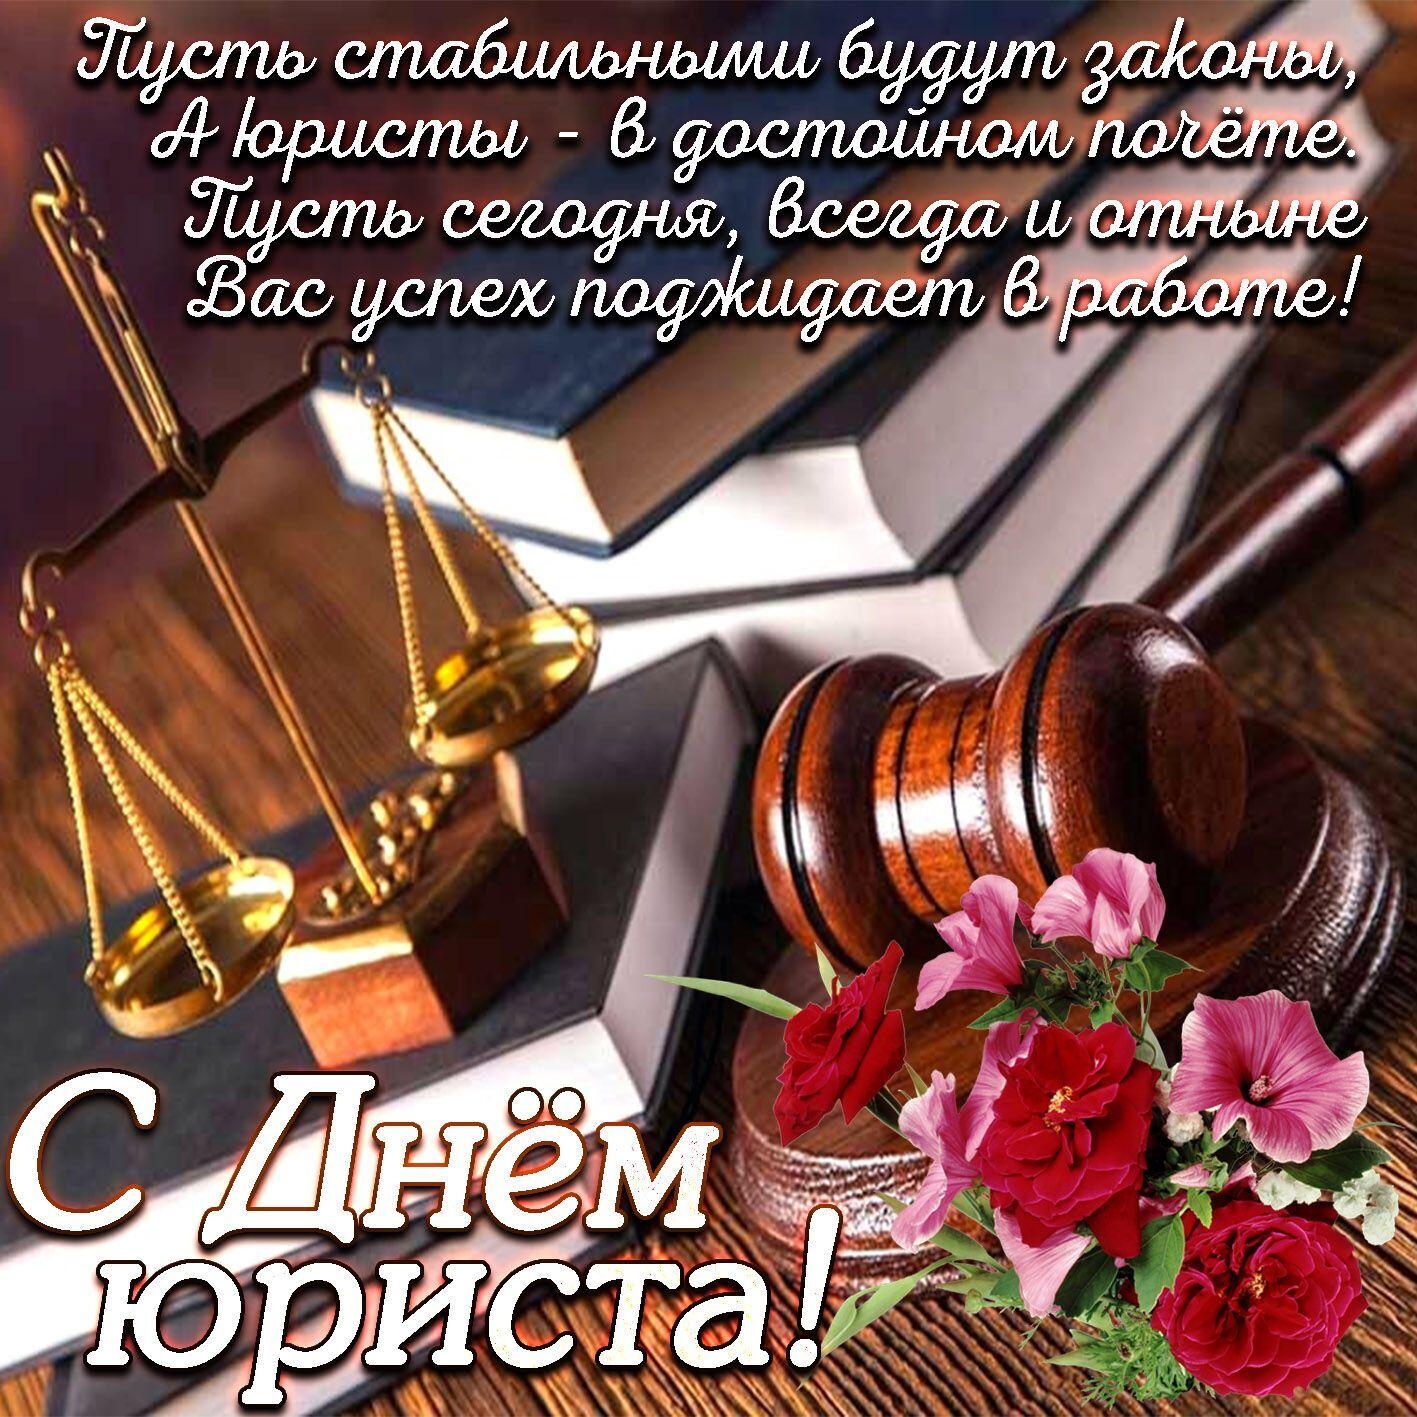 Пожелания в День юриста Украины